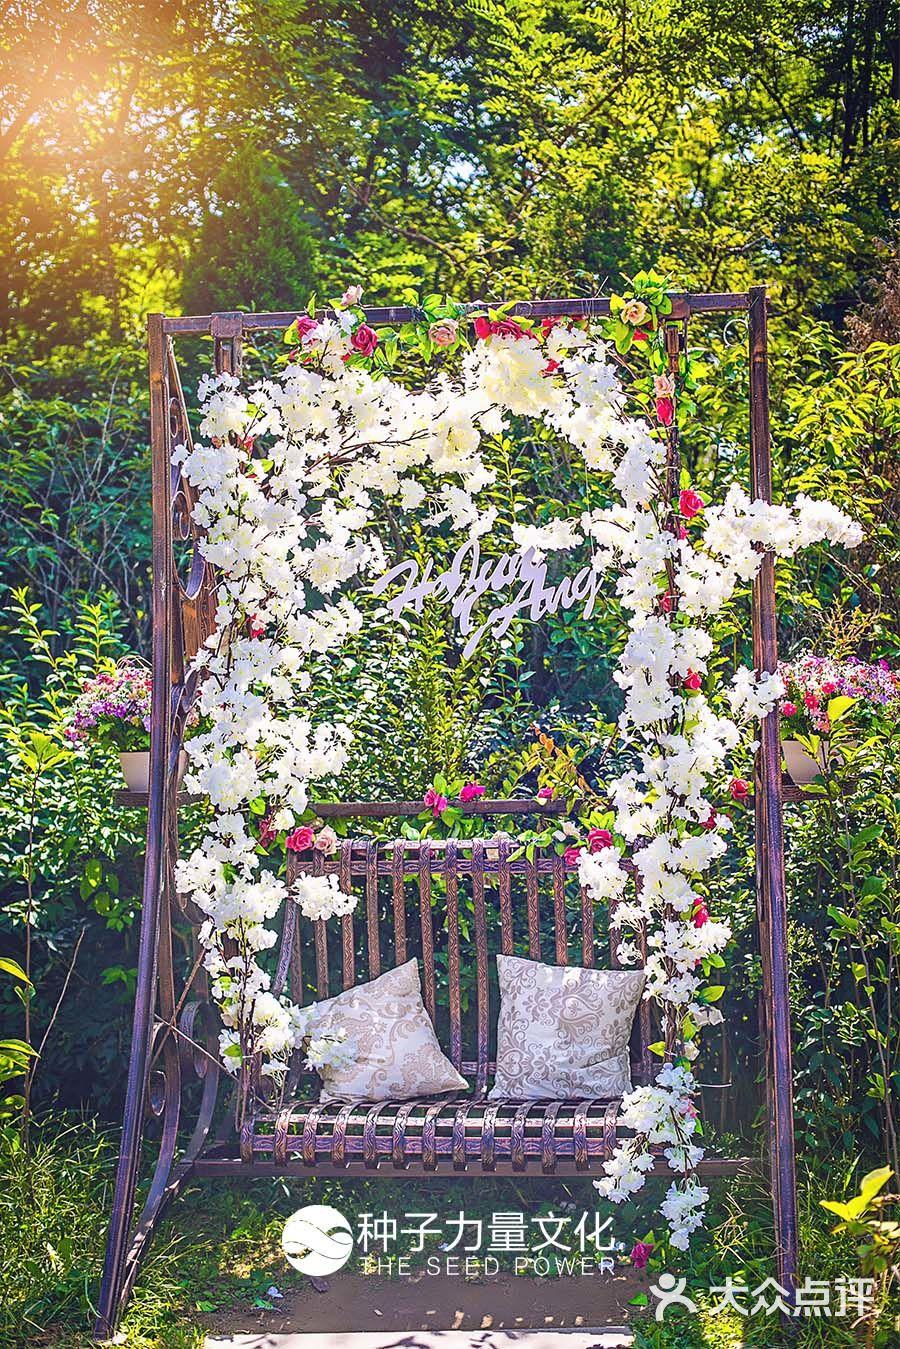 婚礼仪式将在户外举行,工作人员都非常的和蔼可亲,屋内是简单的欧式布